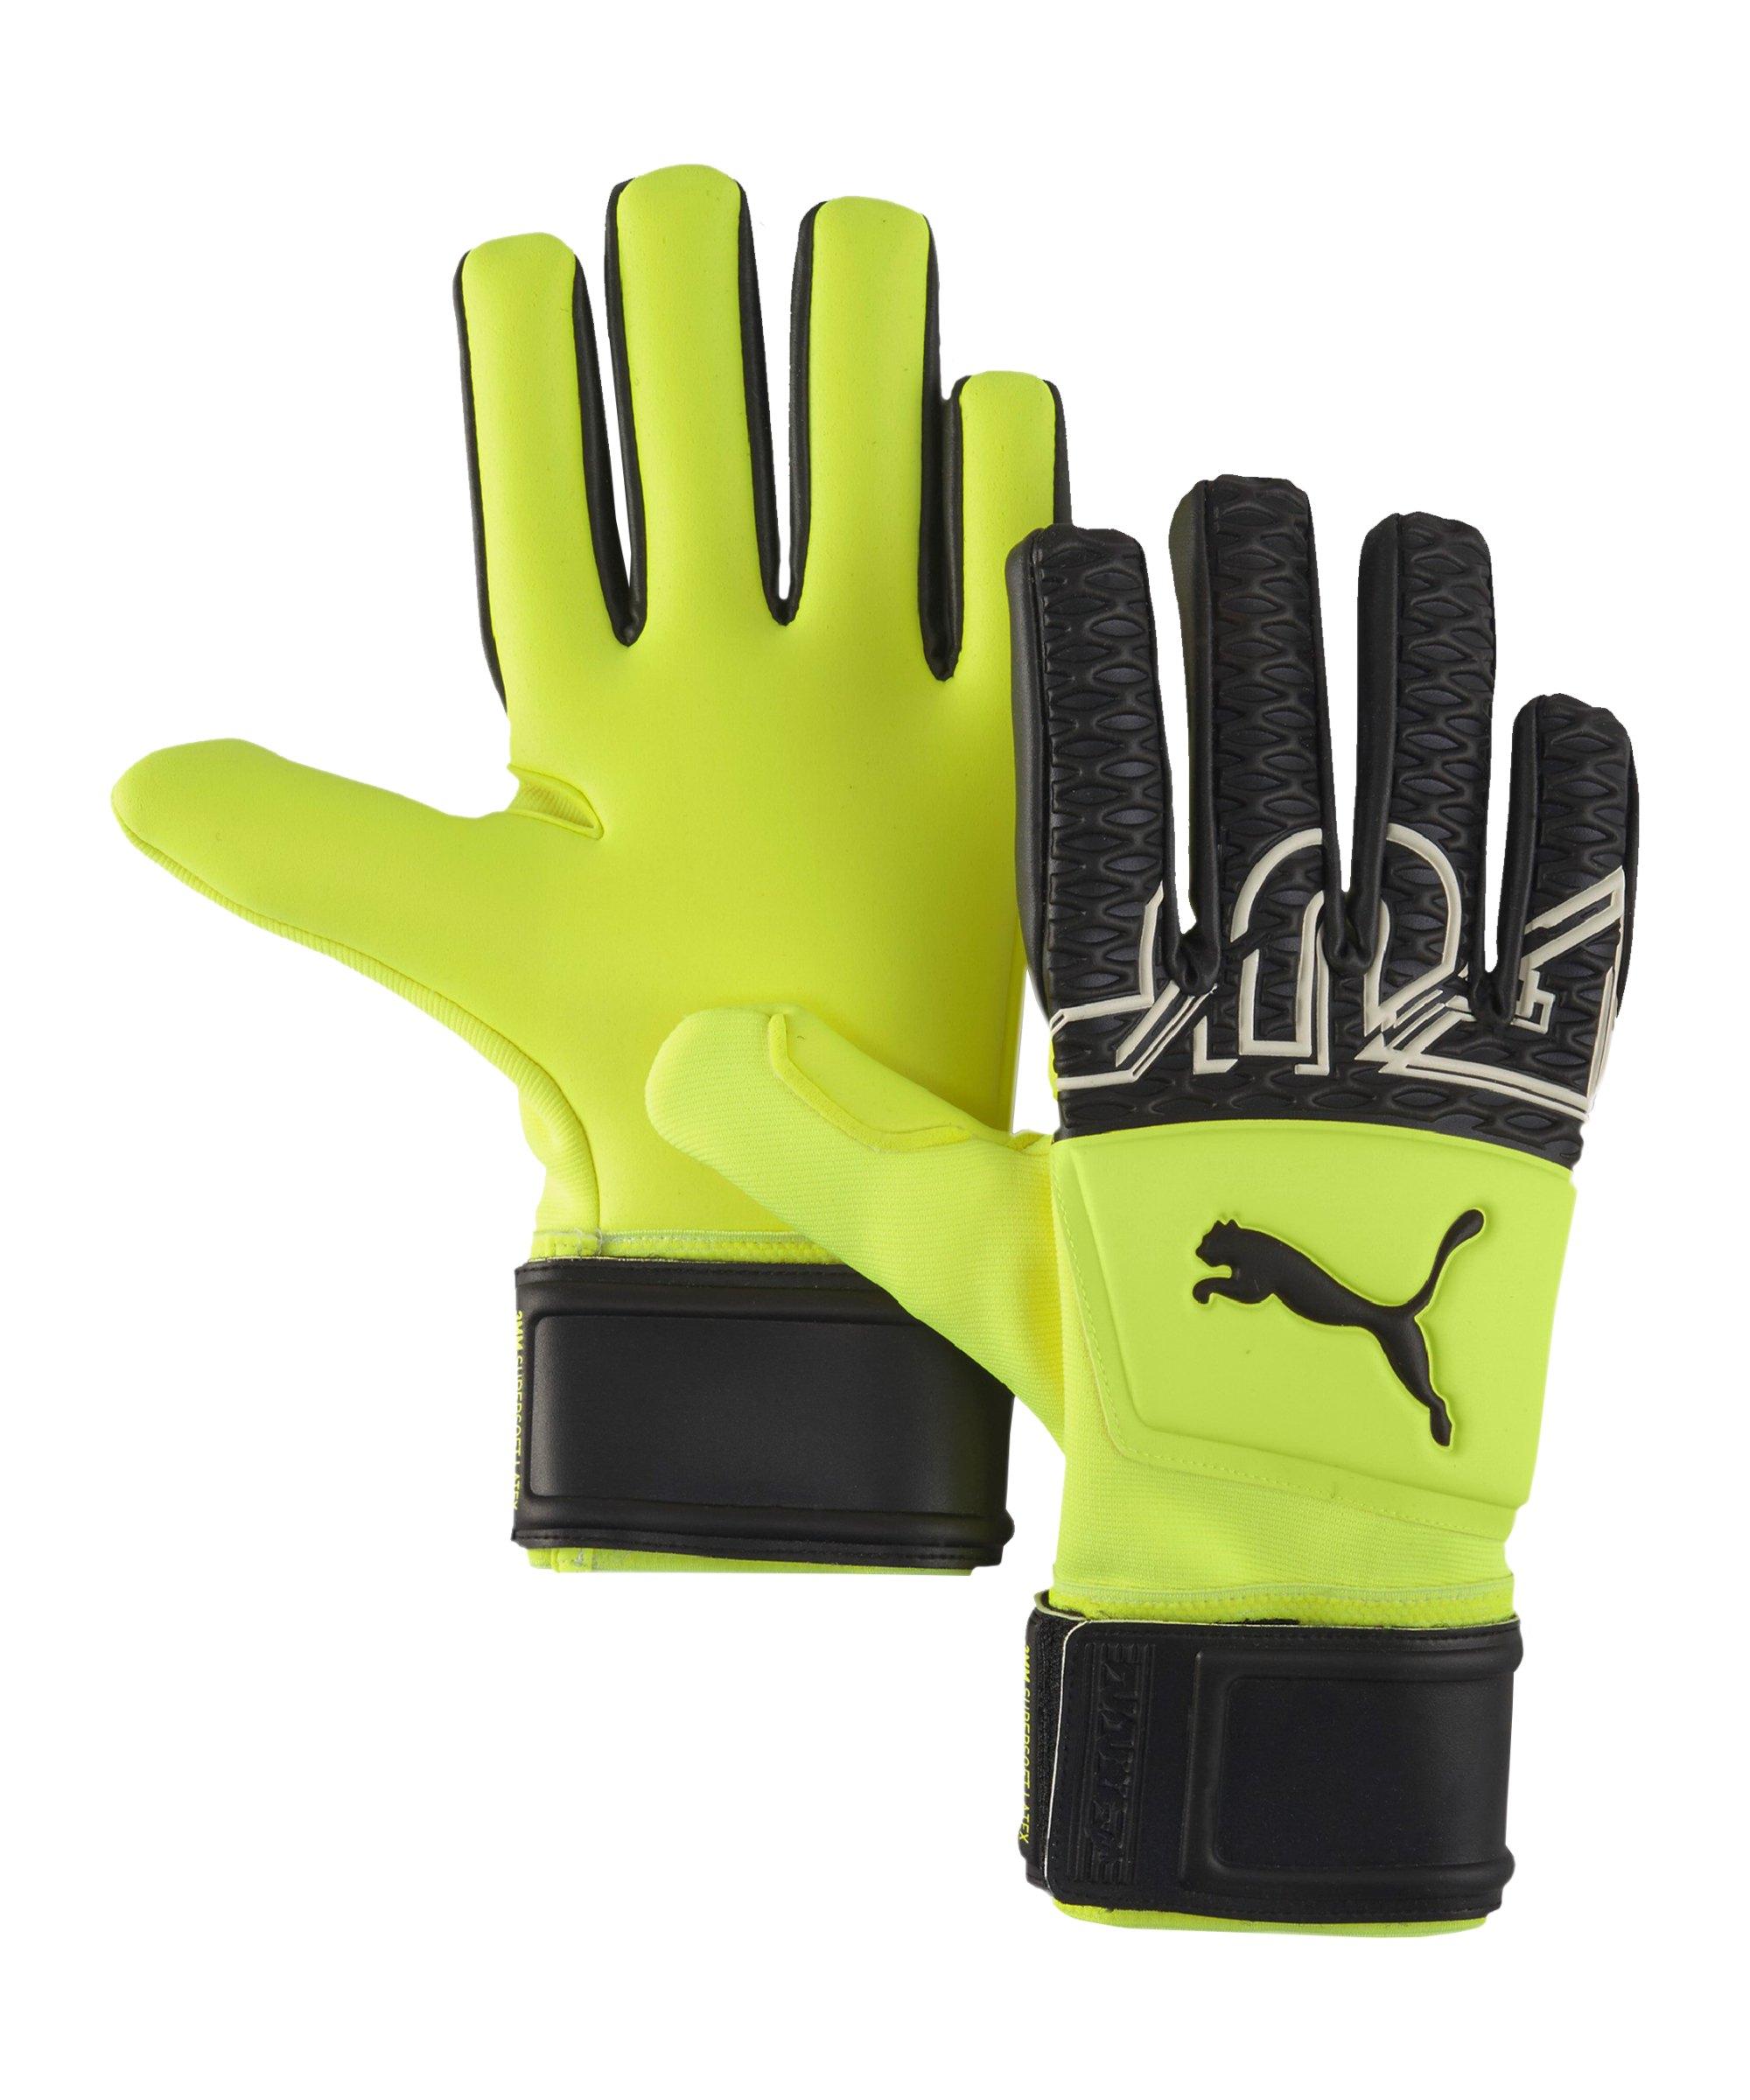 PUMA FUTURE Z Grip 3 NC TW-Handschuh Gelb F01 - gelb